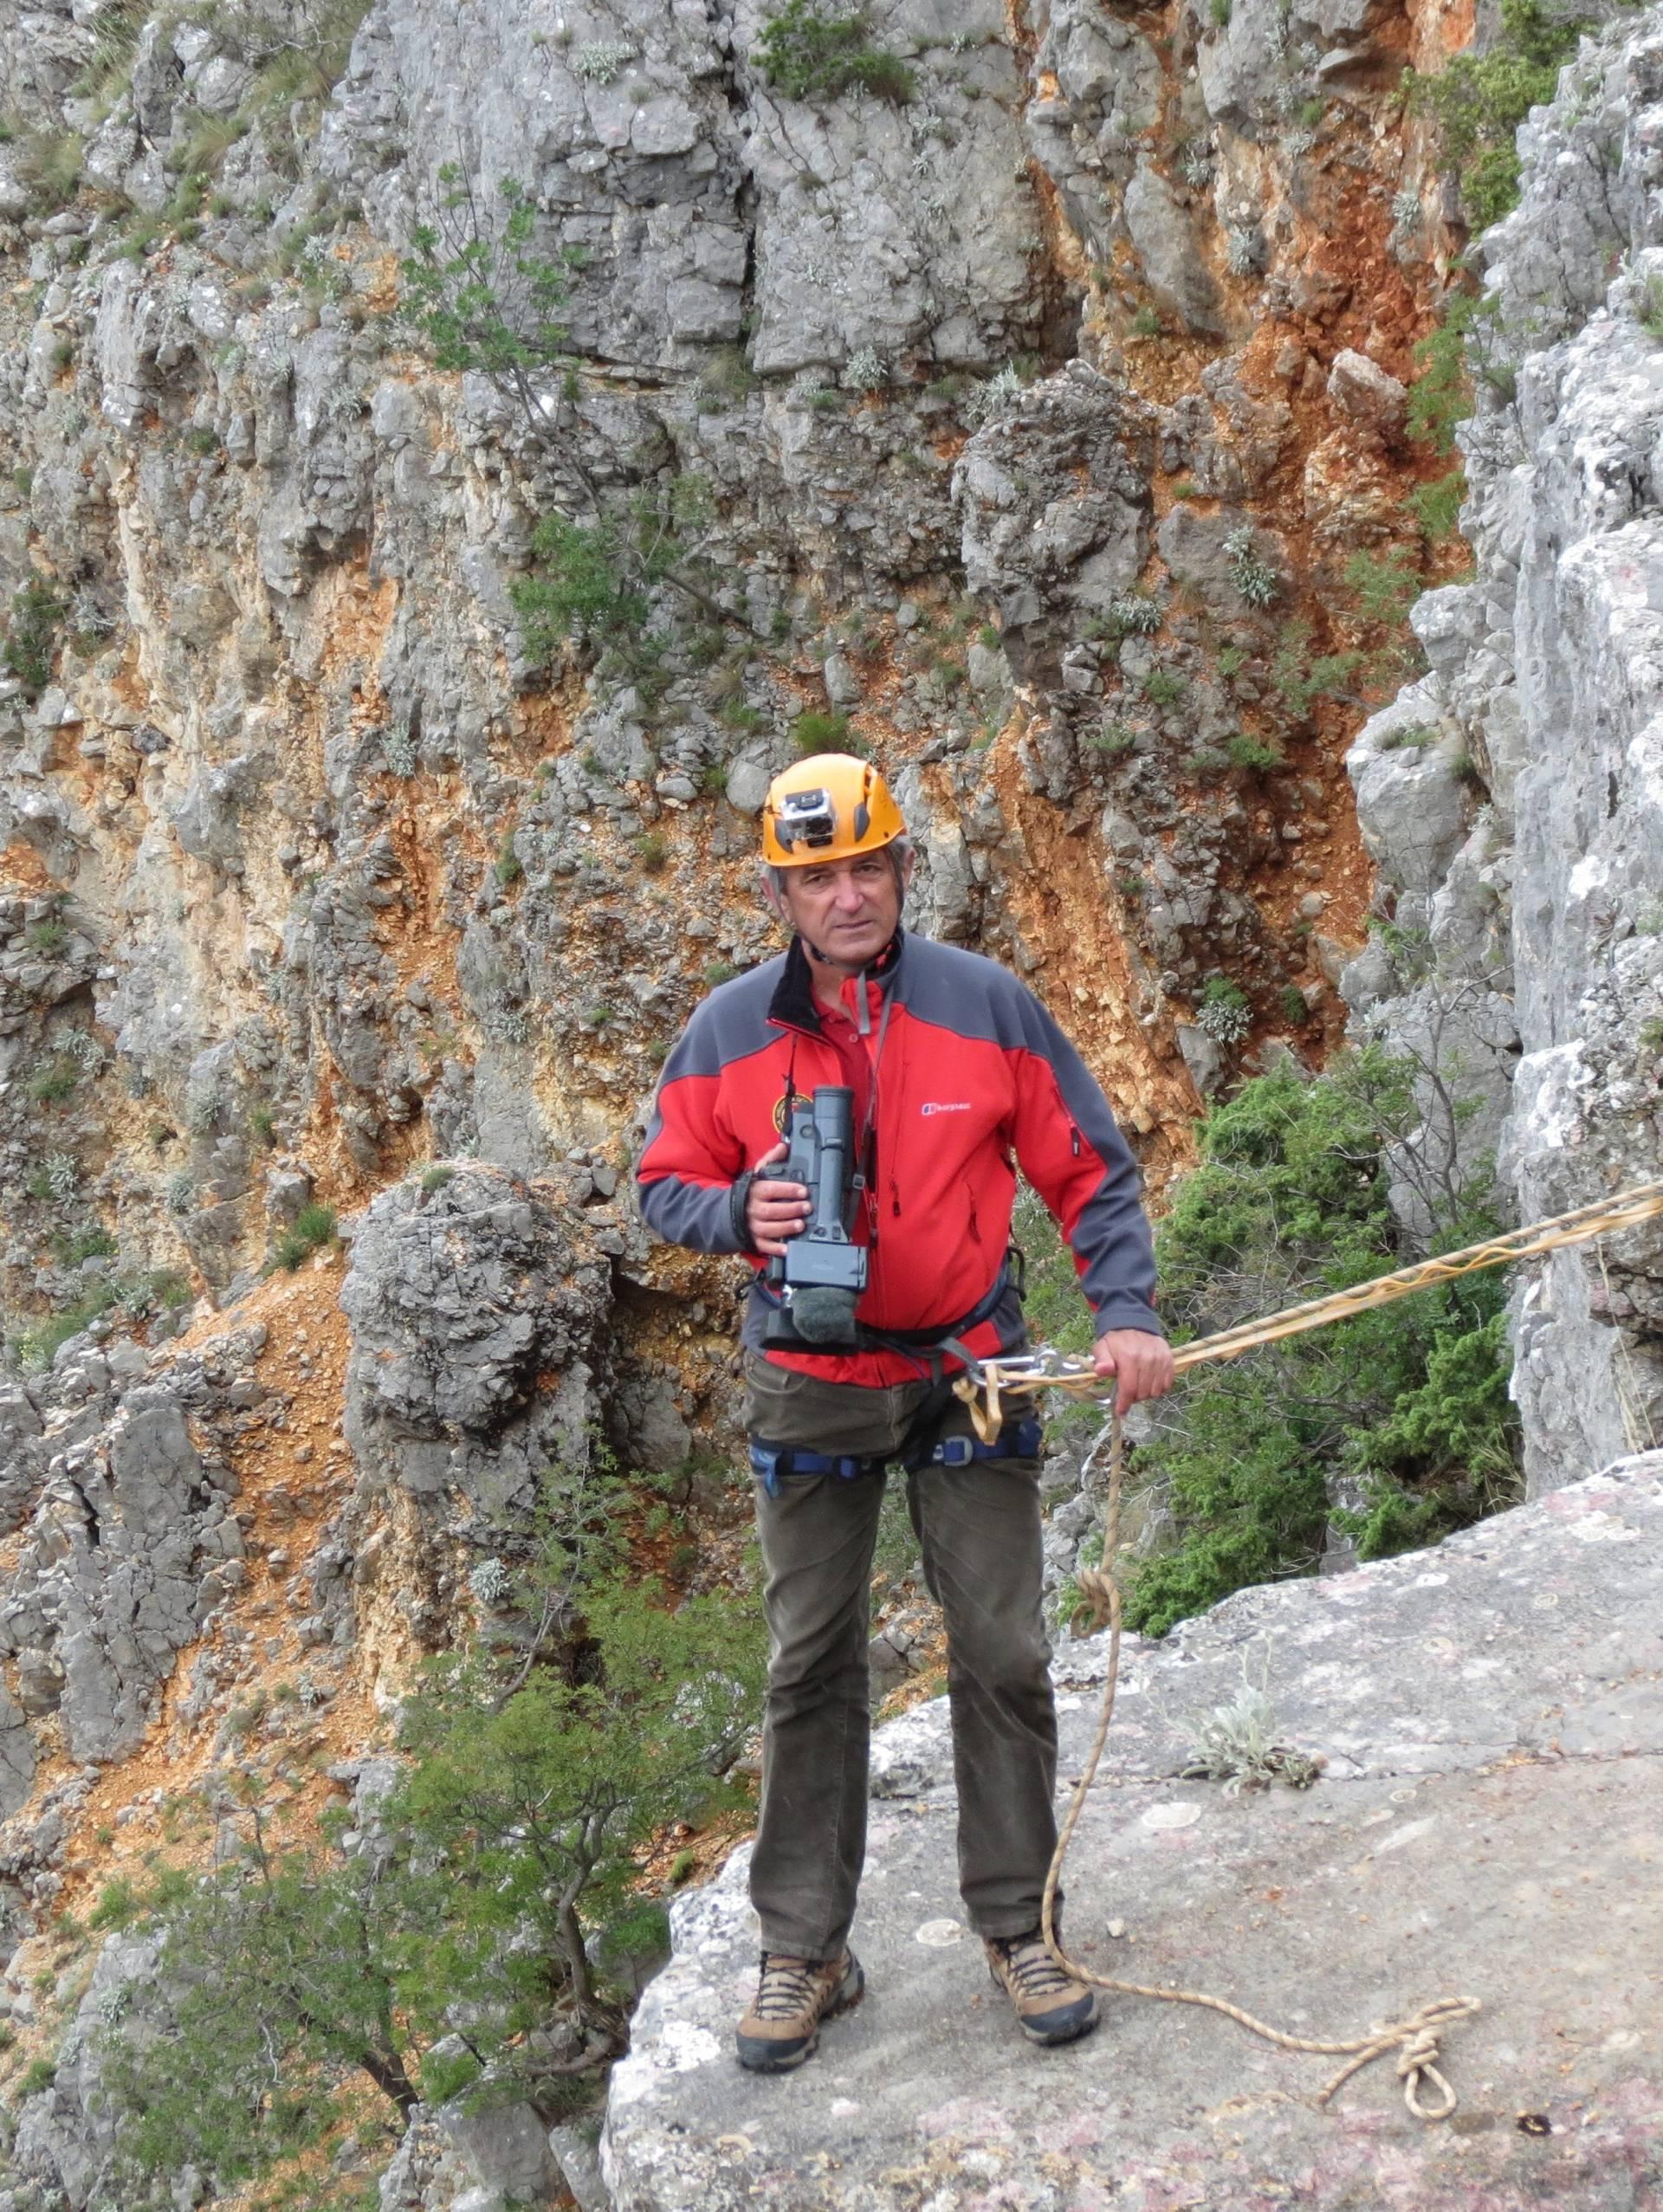 Top savjeti Stipe Božića: Nikad u planinu bez vode i mobitela